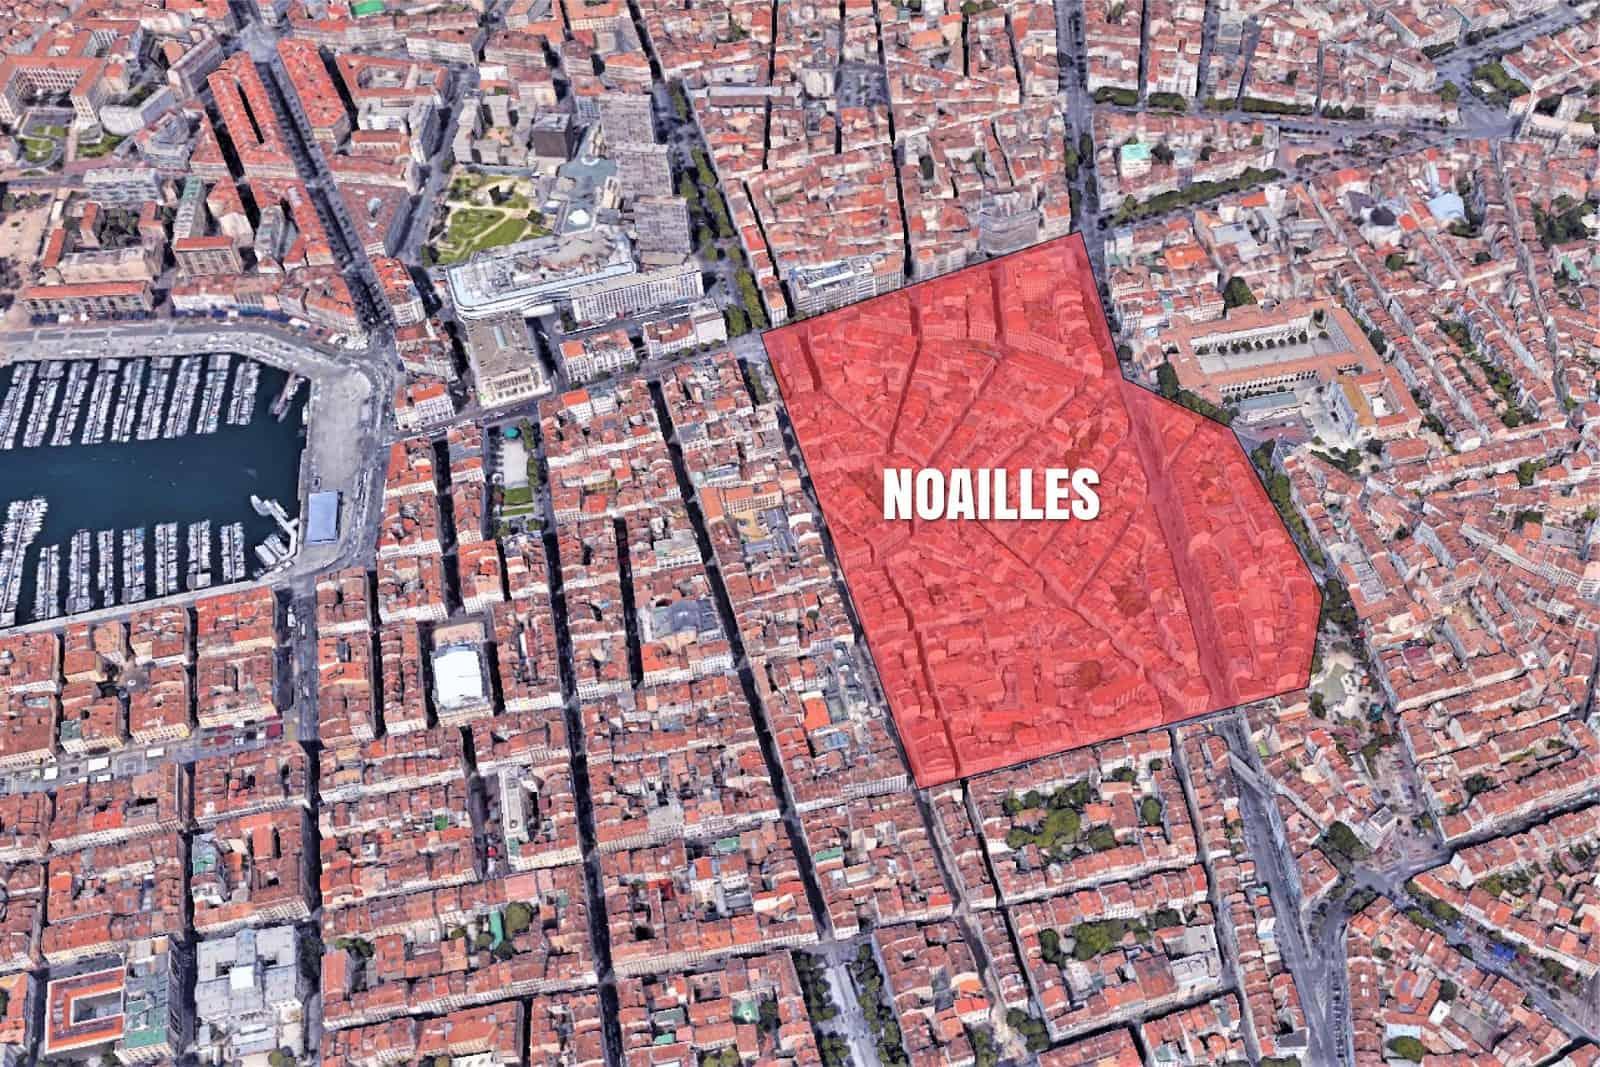 Noailles